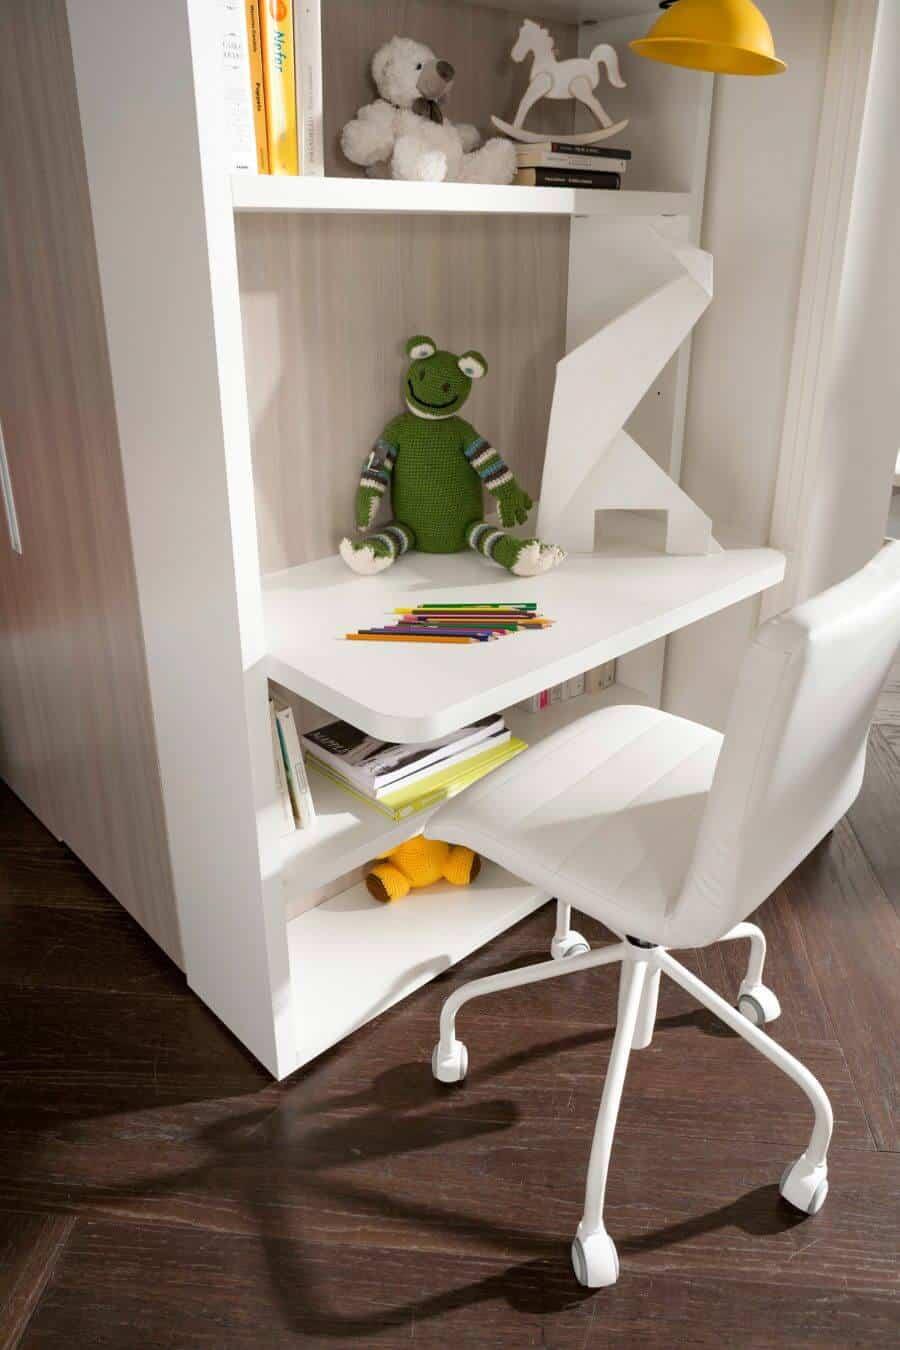 cameretta-scrivania-integrata-libreria-collezione-monza-il-mobile